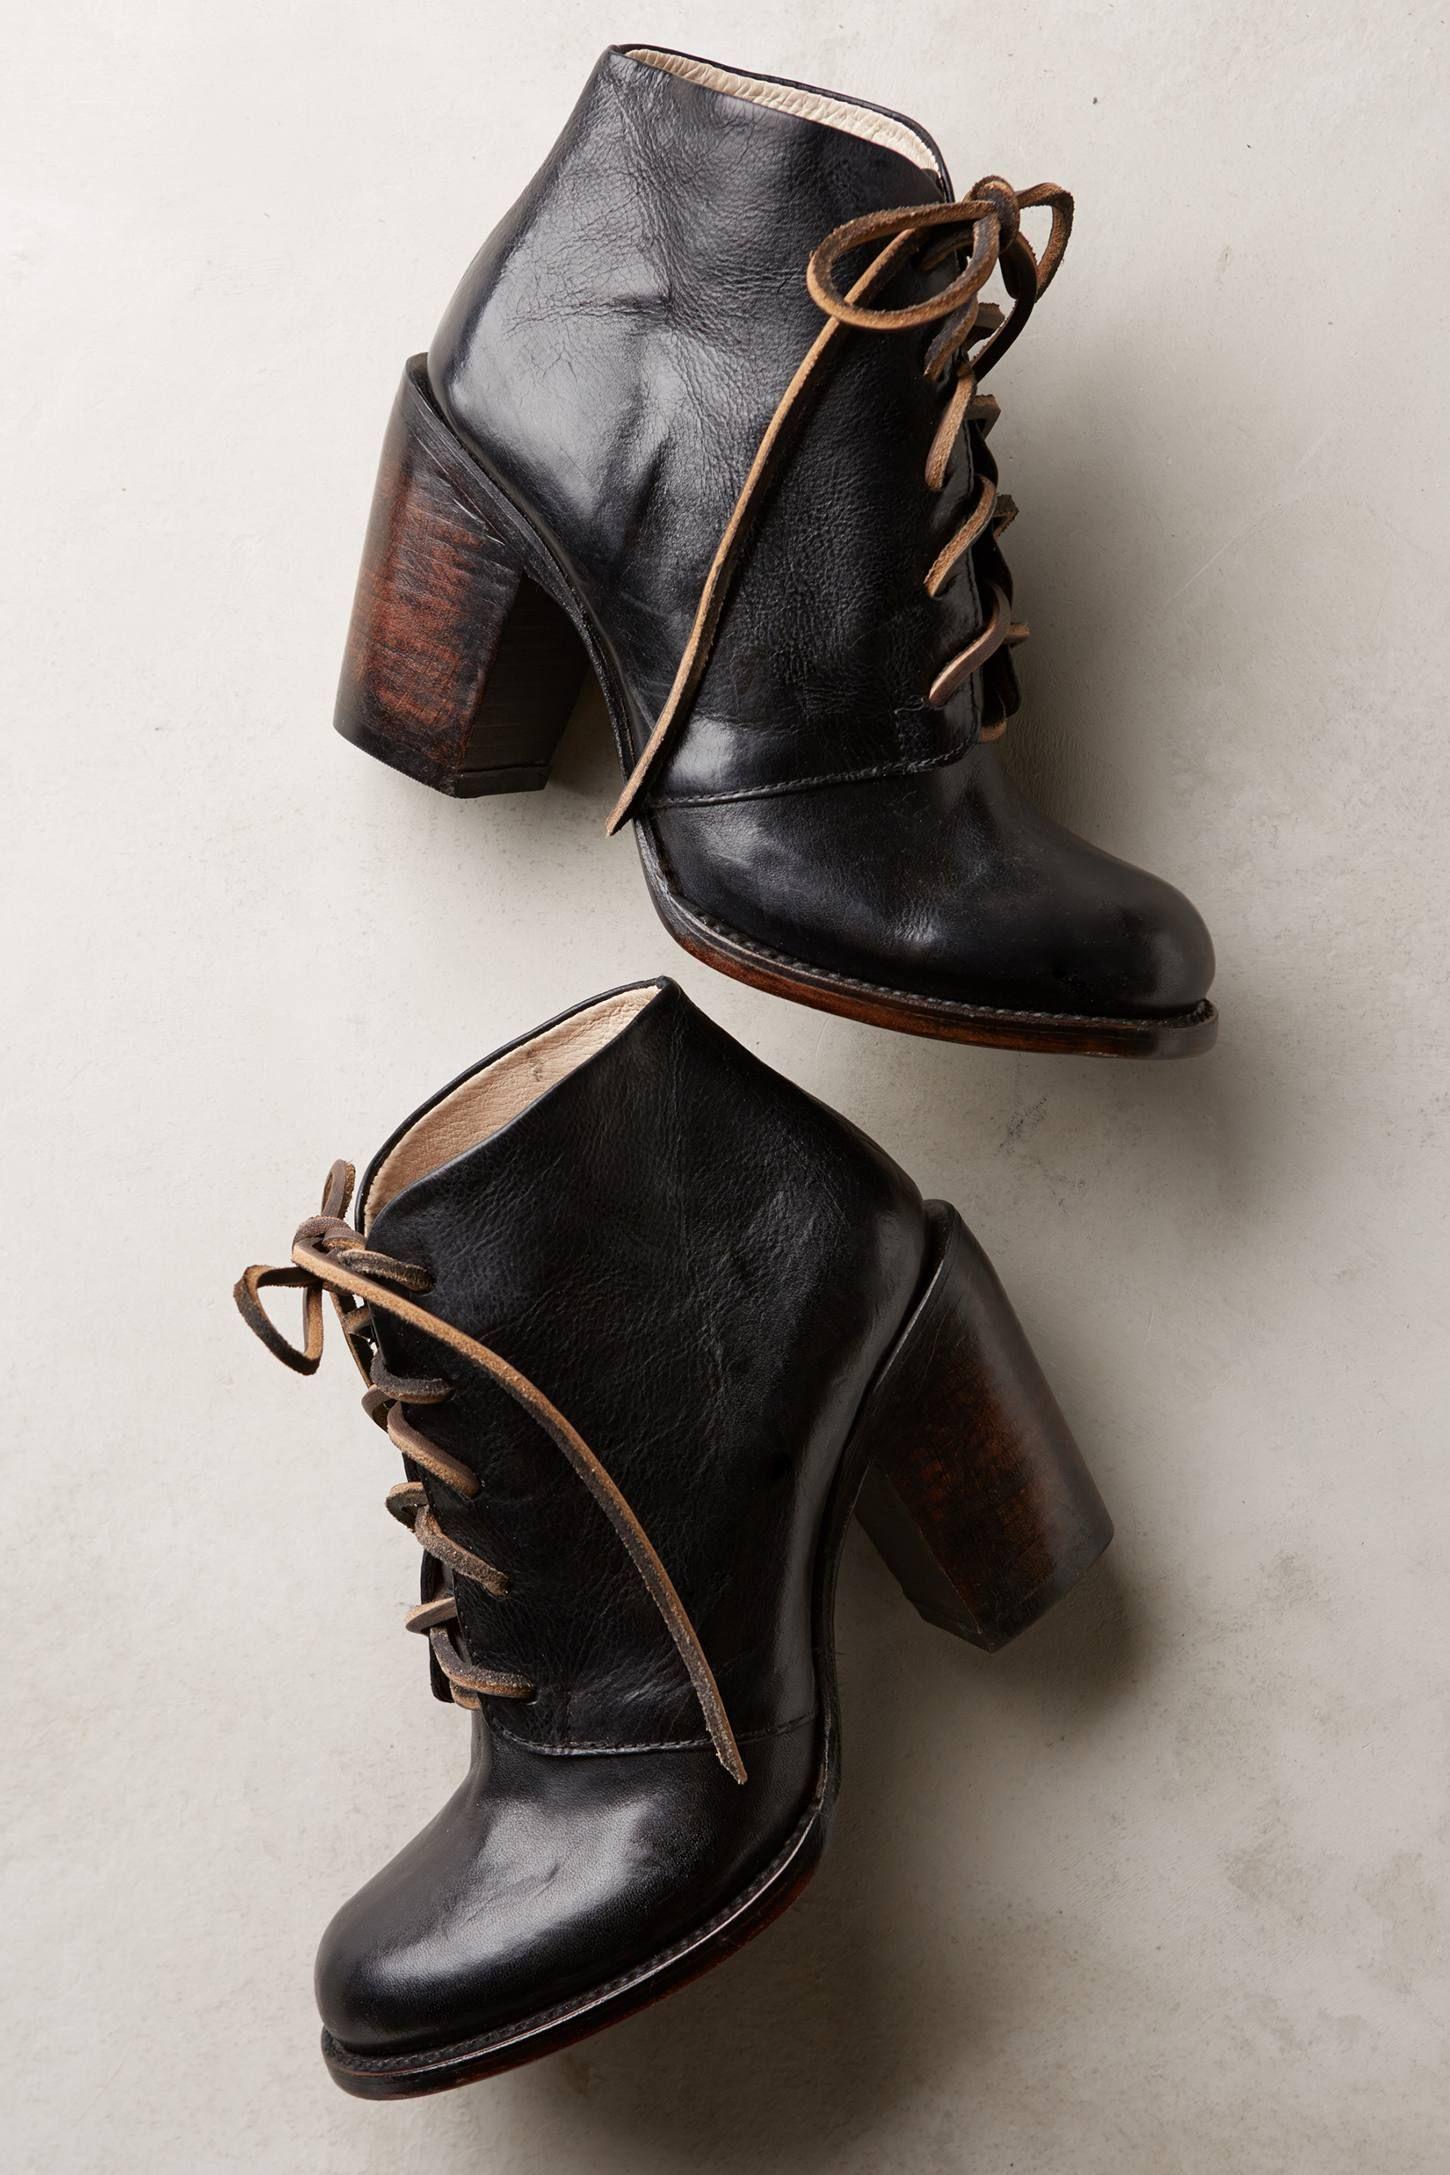 Zapatos negros Beck para mujer Lo nuevo a la venta 2018 Nueva línea barata en línea Envío gratuito comercializable Descuento Big Venta qt8RzrPdi